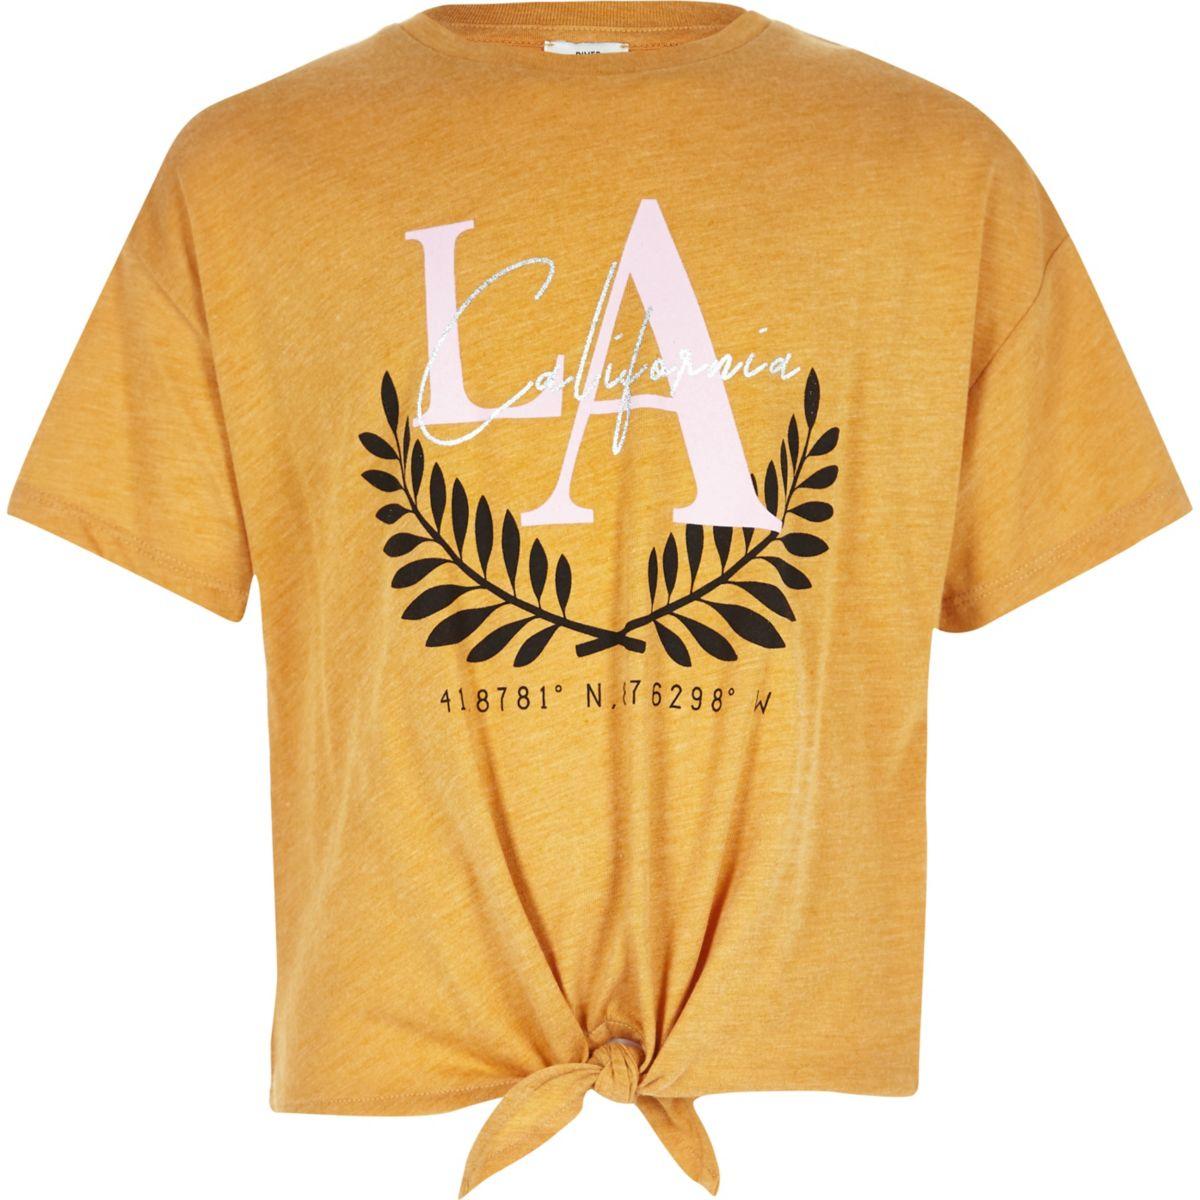 Girls yellow 'LA' knot front T-shirt